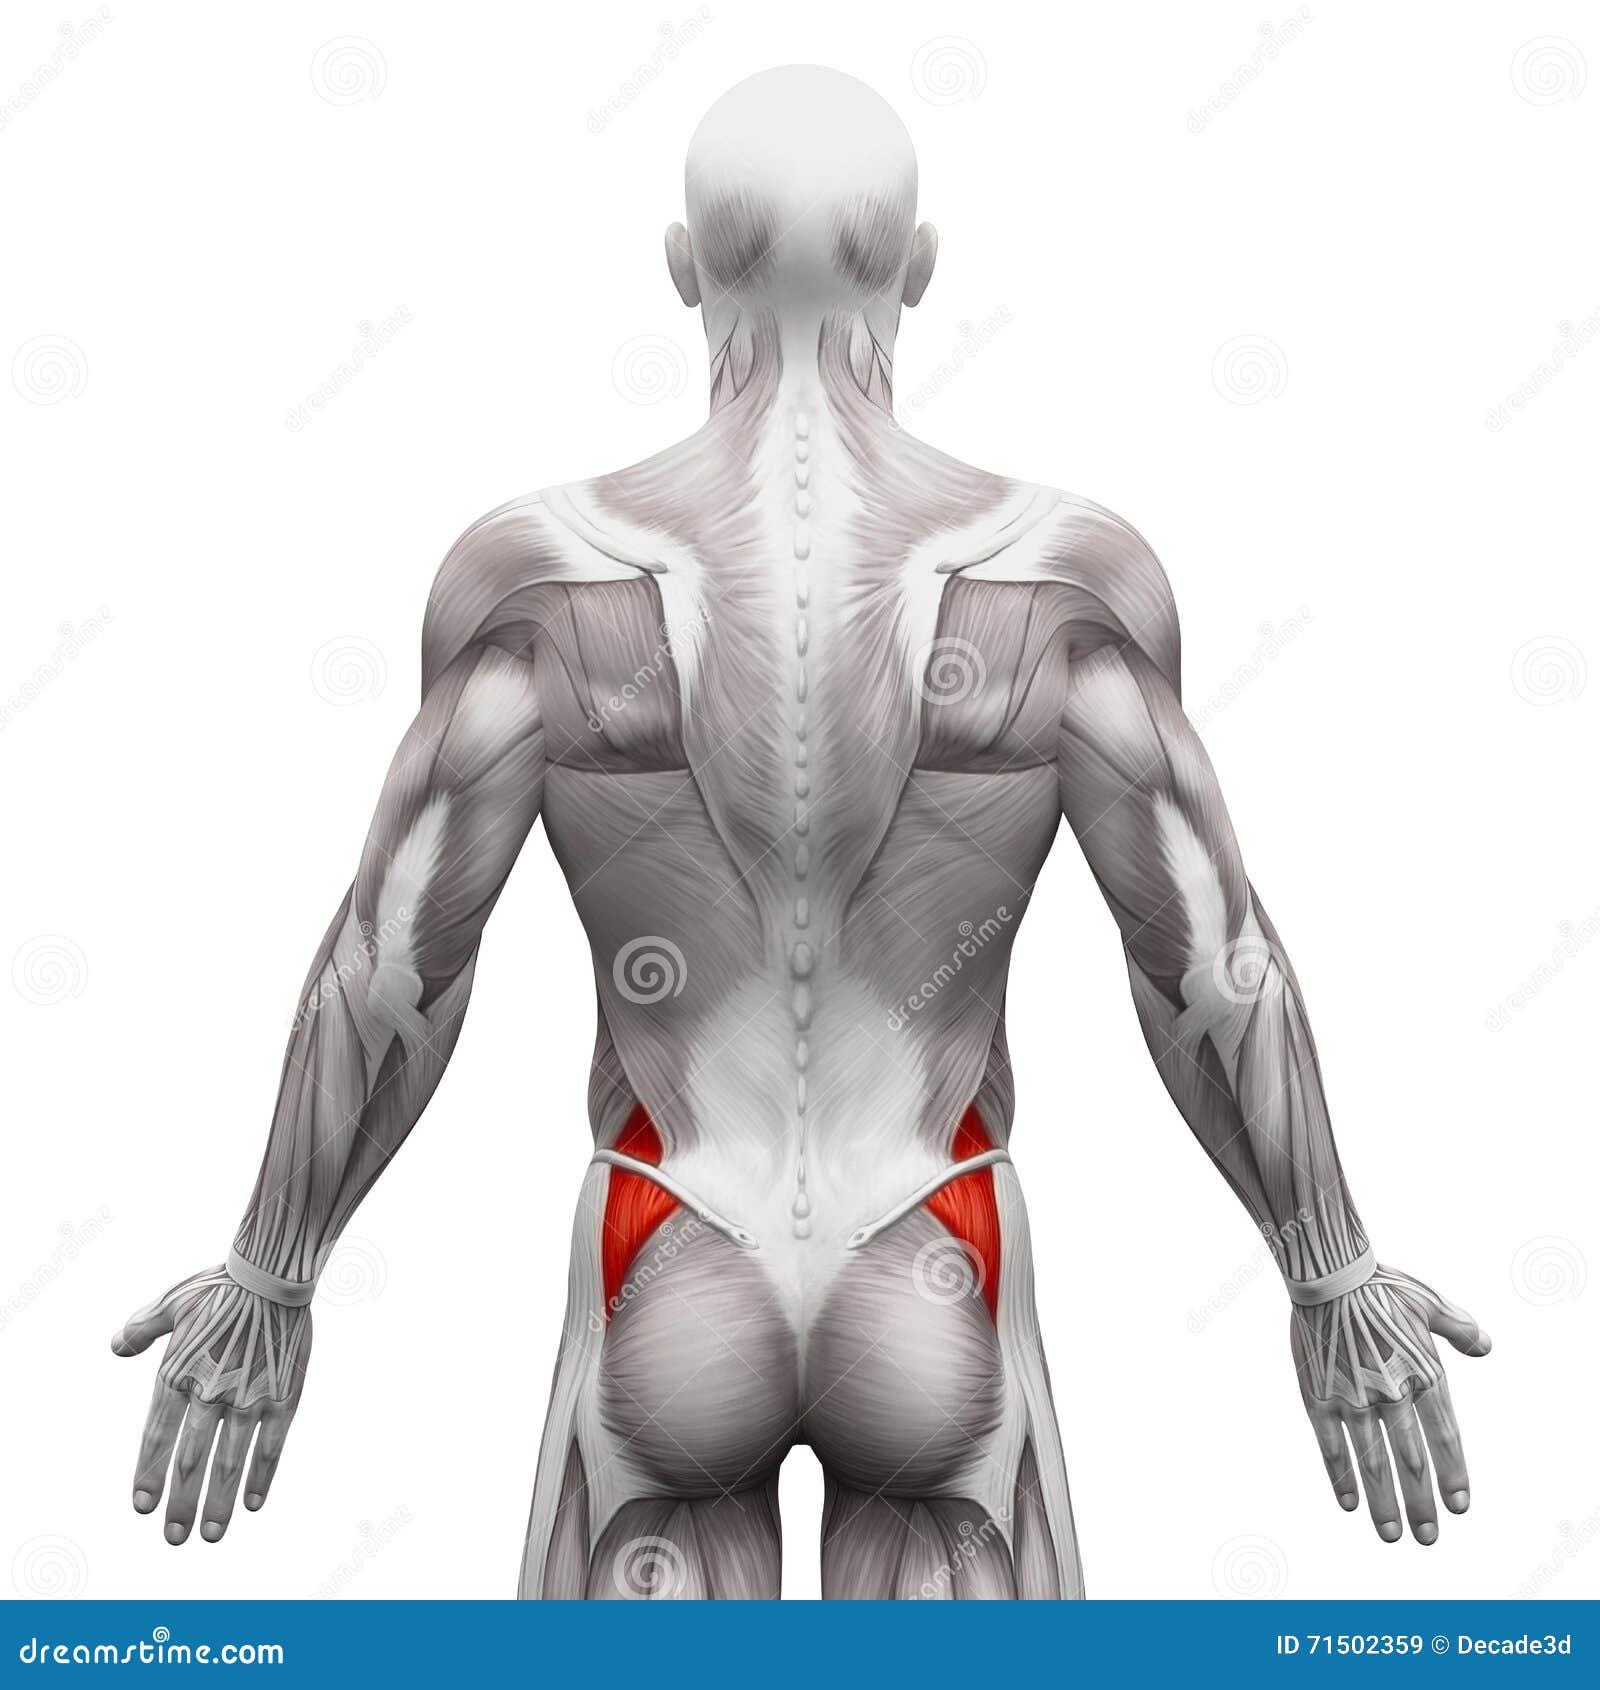 Musculos piernas y gluteos anatomia